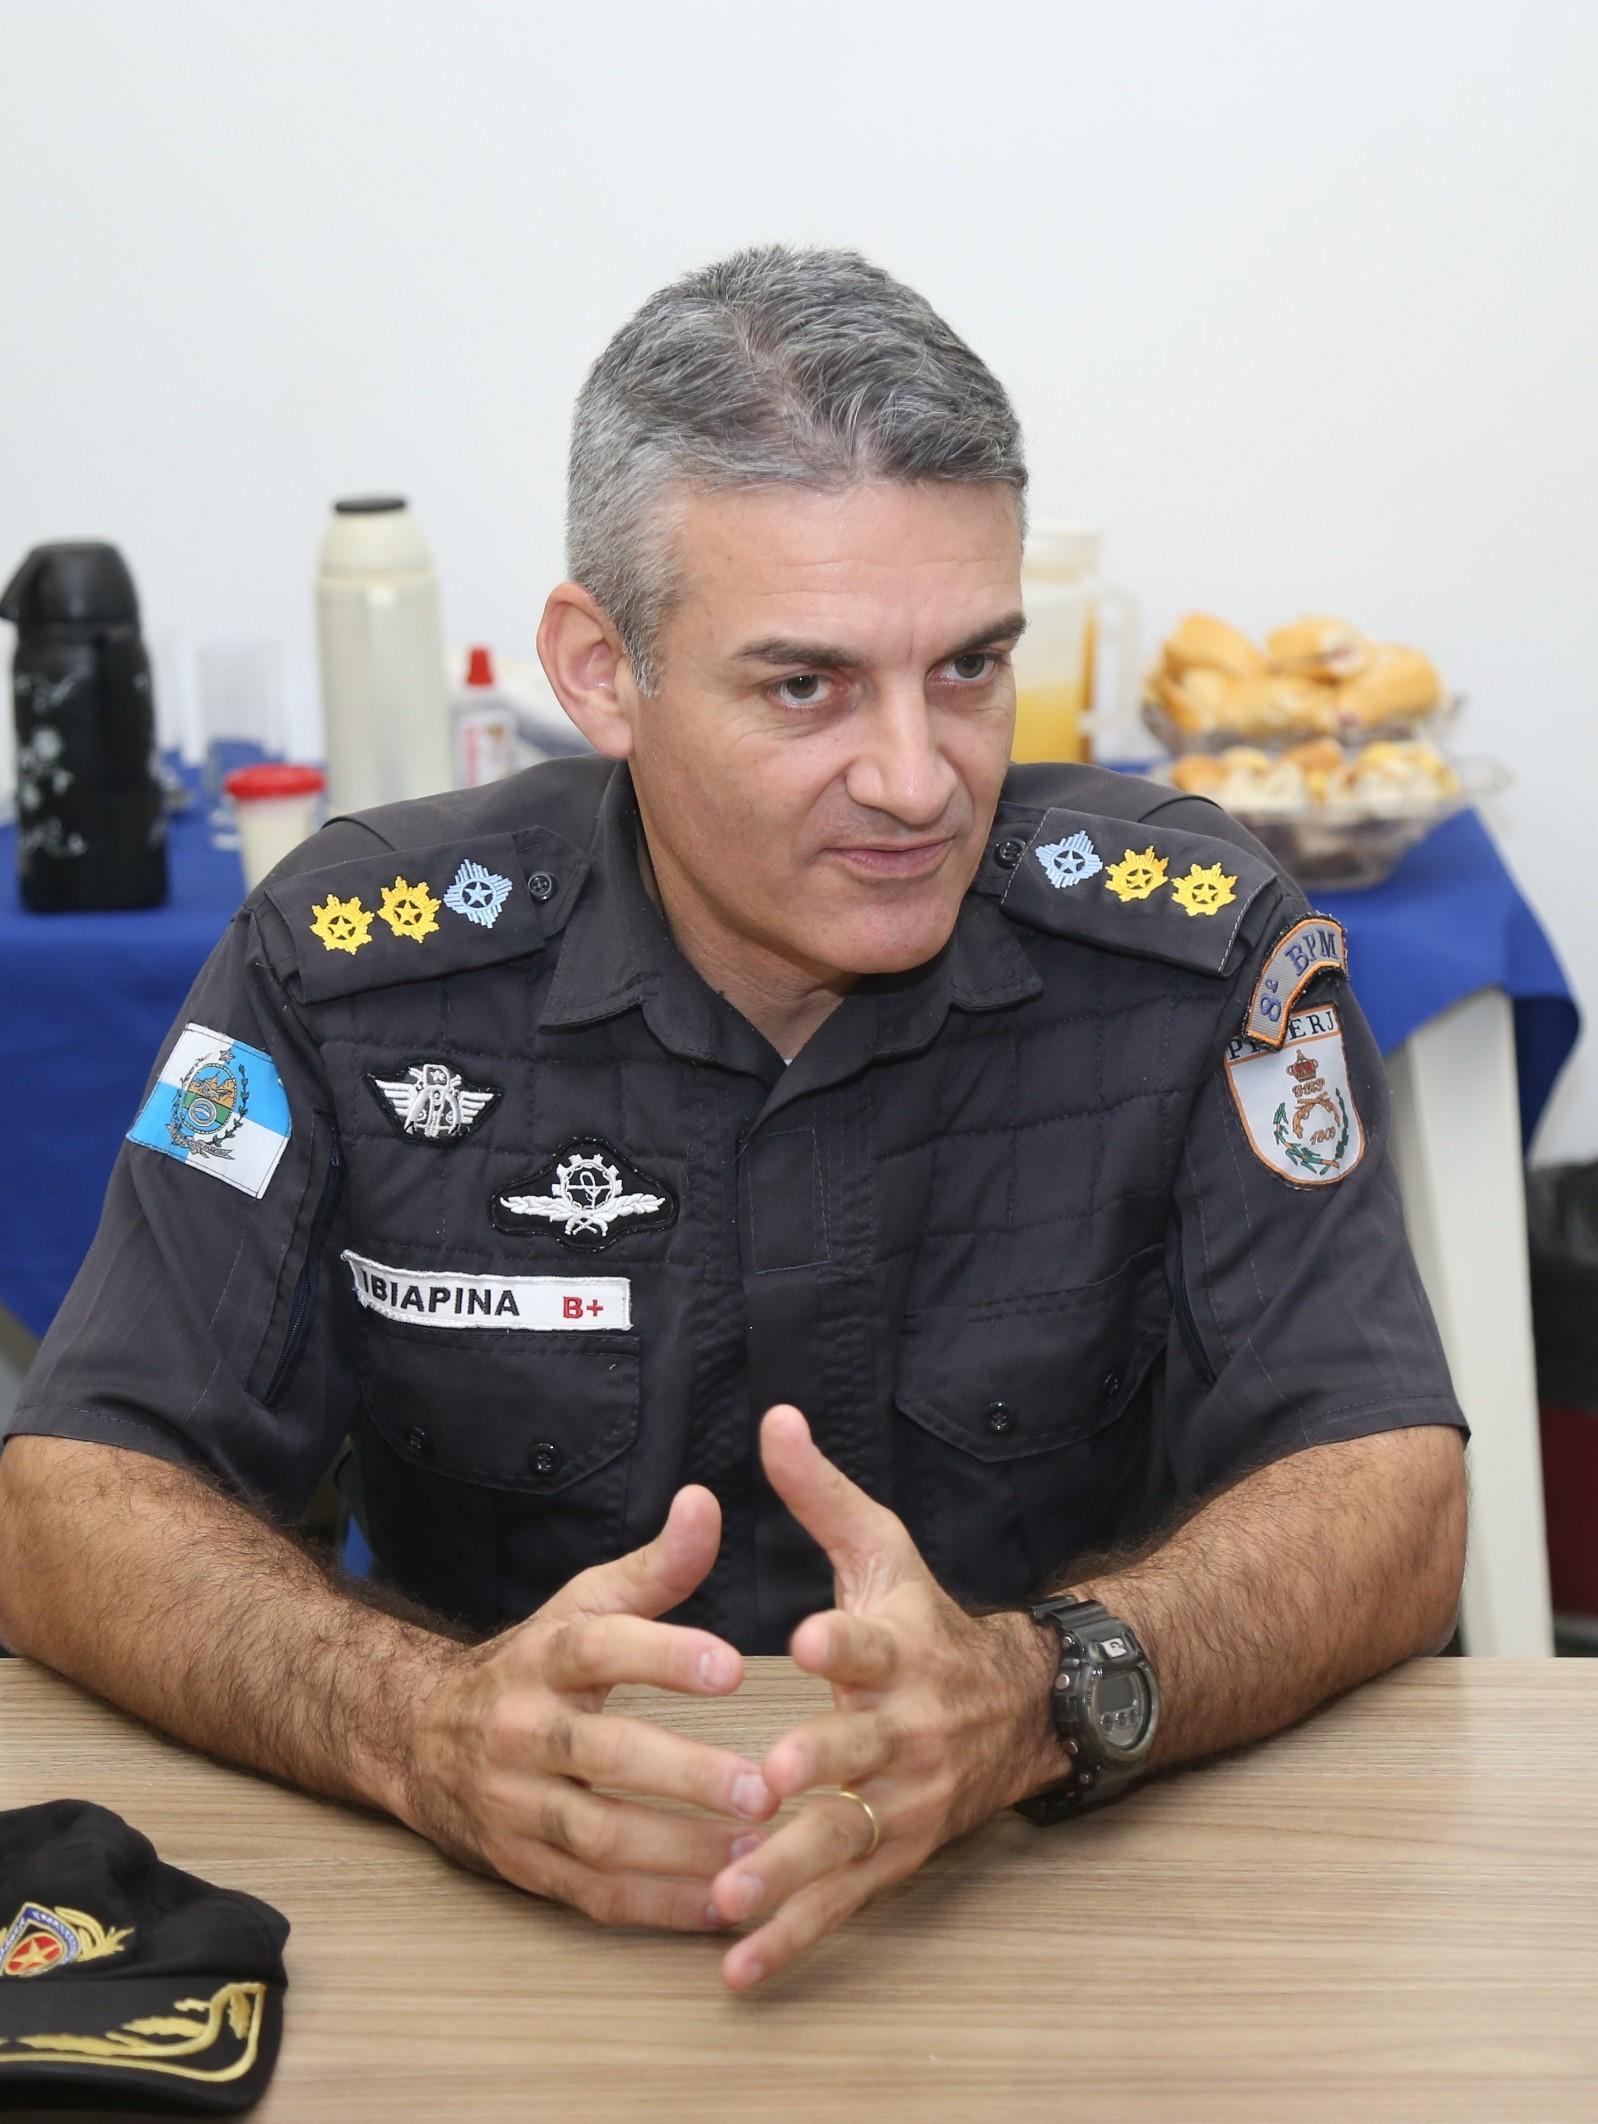 Polícia Militar anuncia novo comando em cidades do interior do Rio - Notícias - Plantão Diário